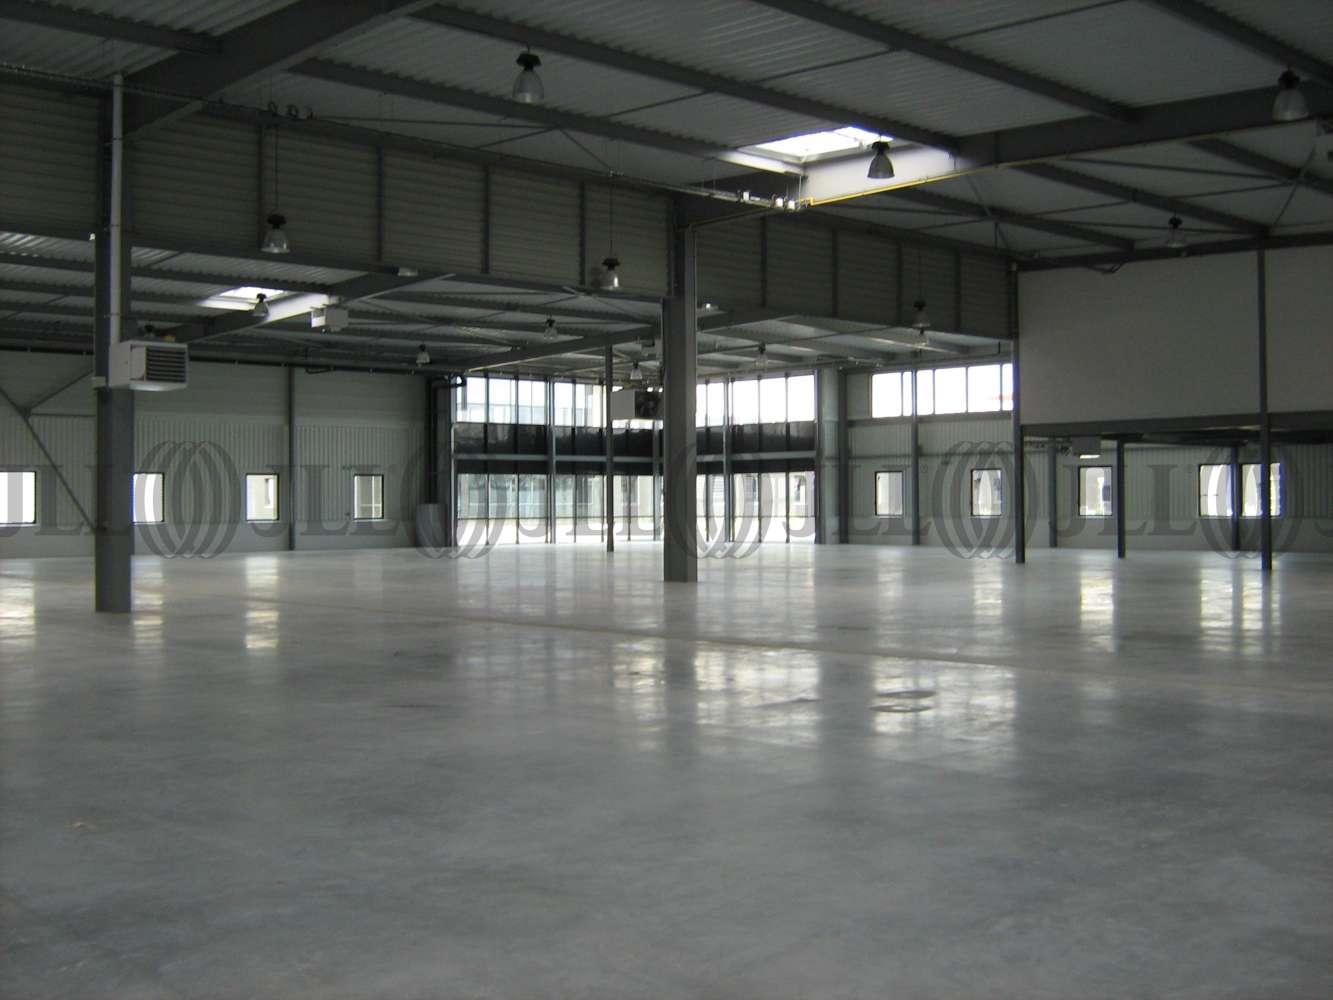 Activités/entrepôt La courneuve, 93120 - SEGRO BUSINESS PARK LA COURNEUVE - 10938754